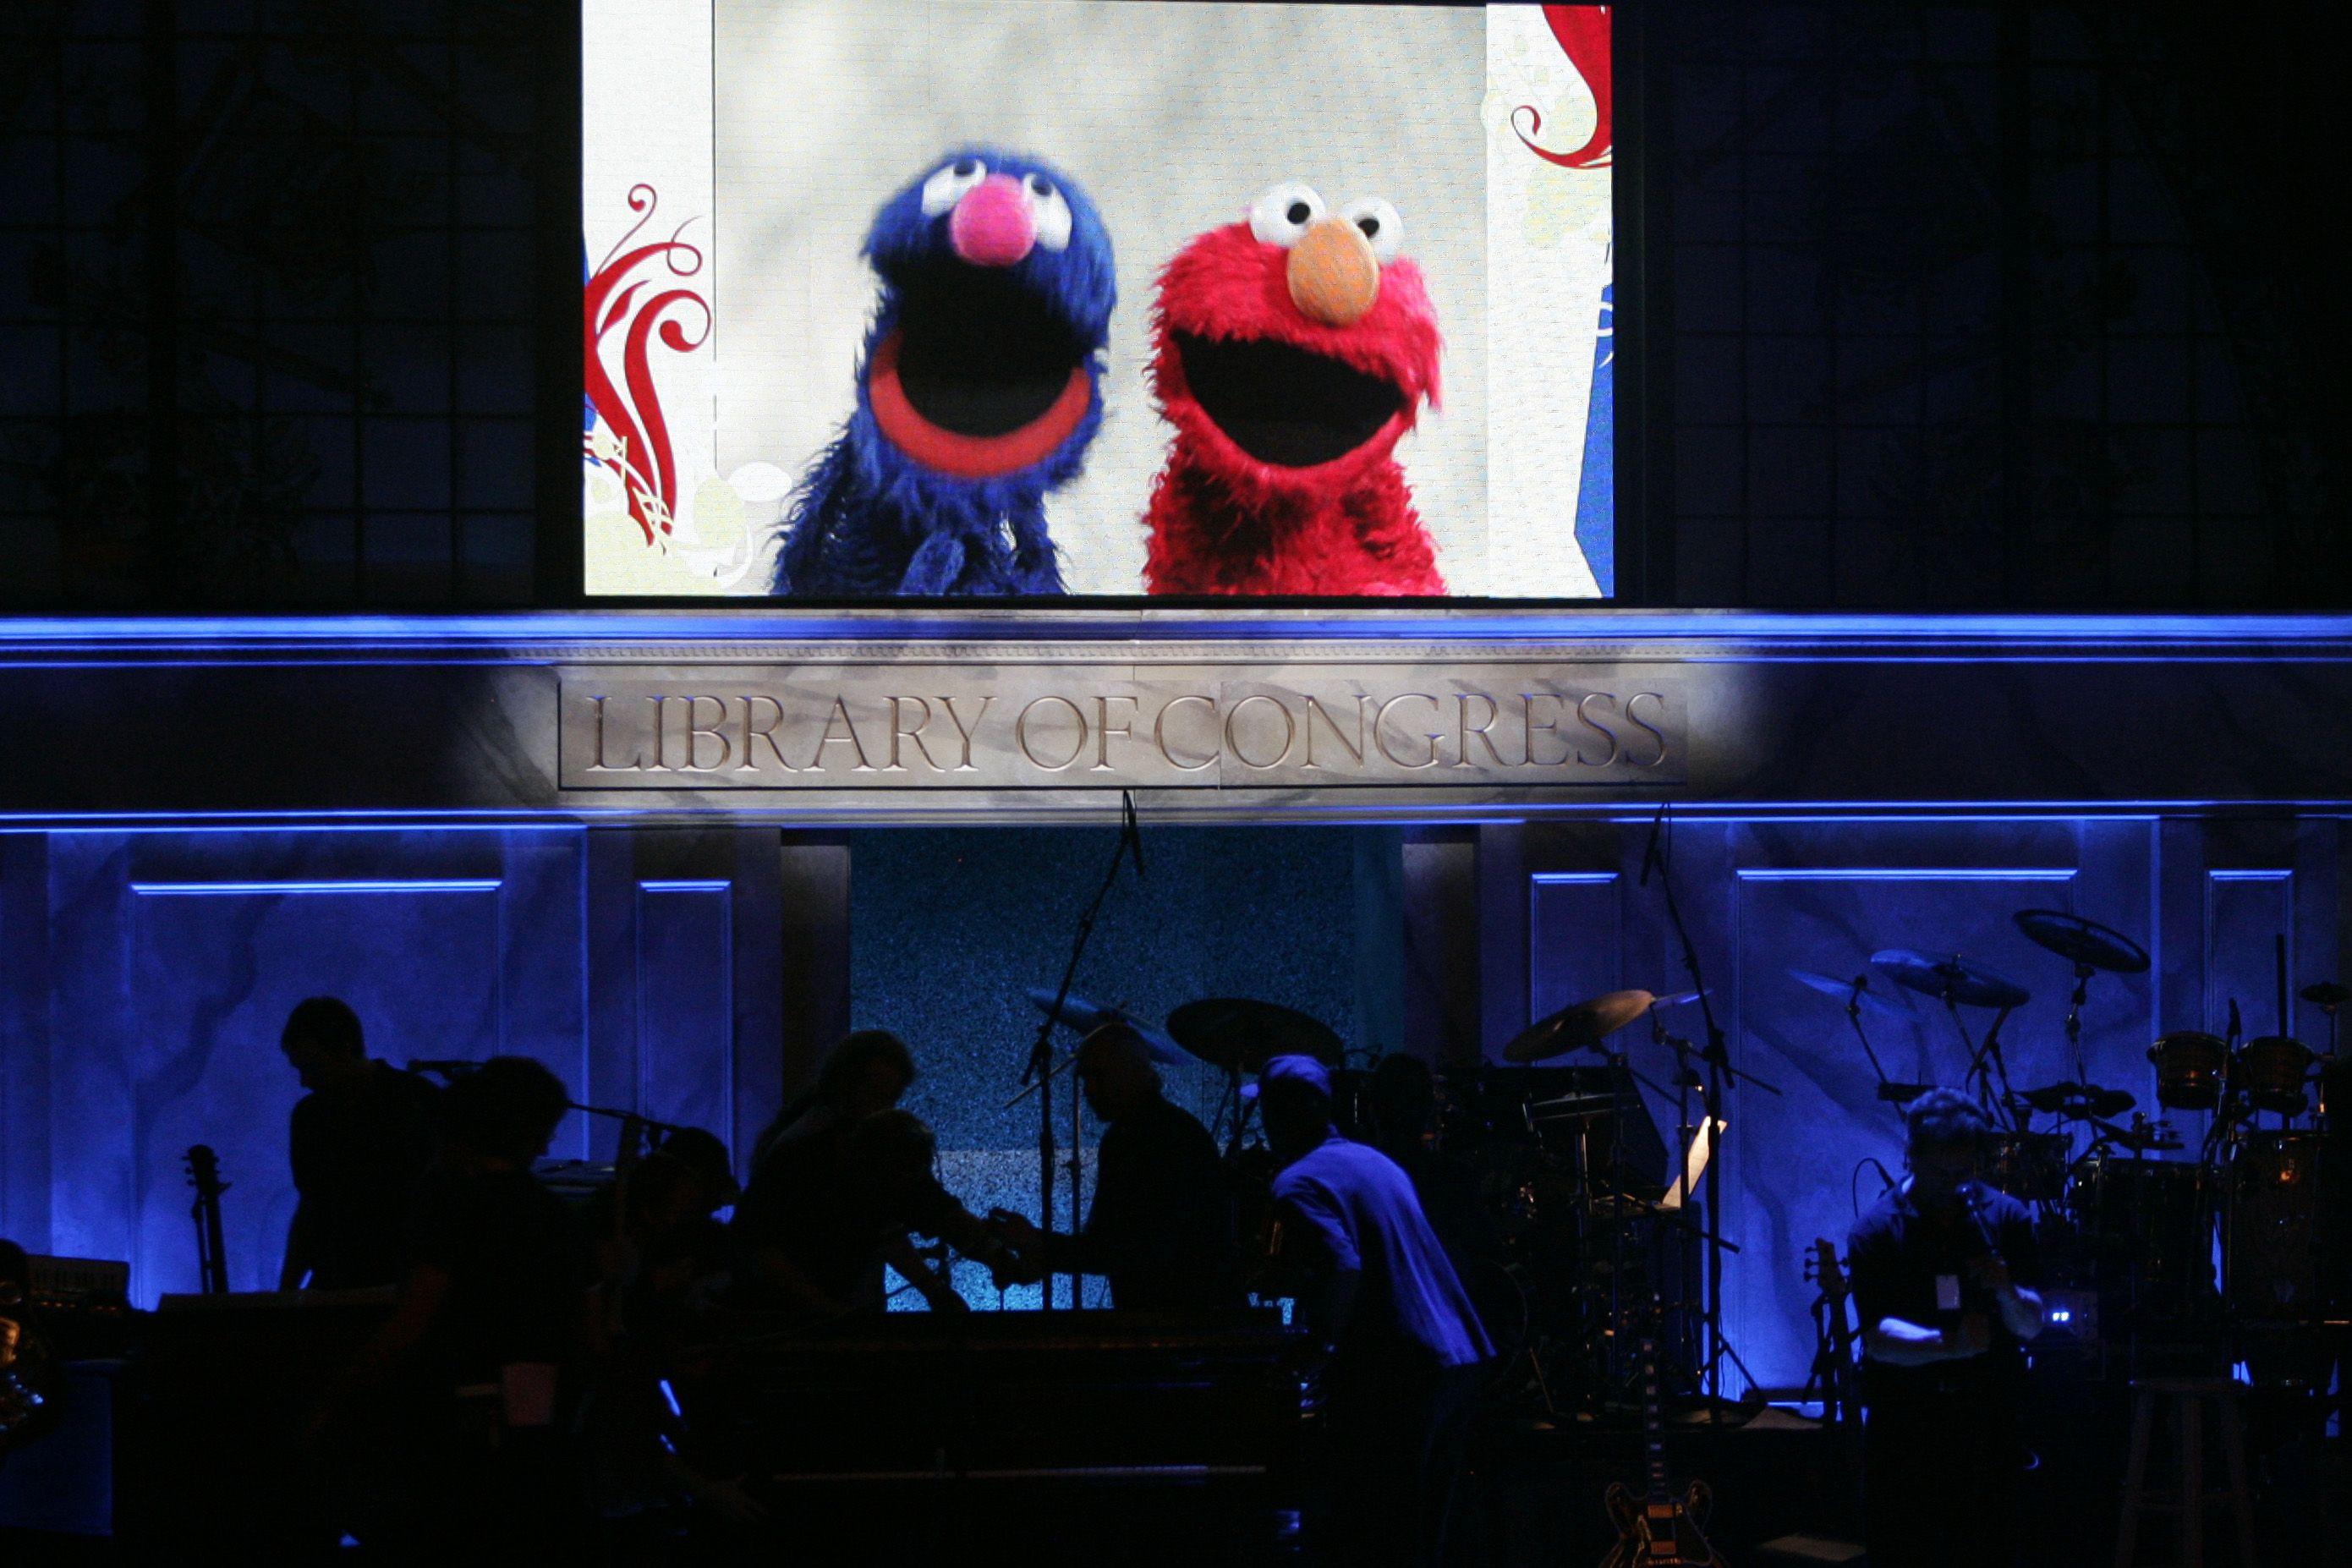 Discórdia na Rua Sésamo: Terá Grover dito uma asneira ou não?